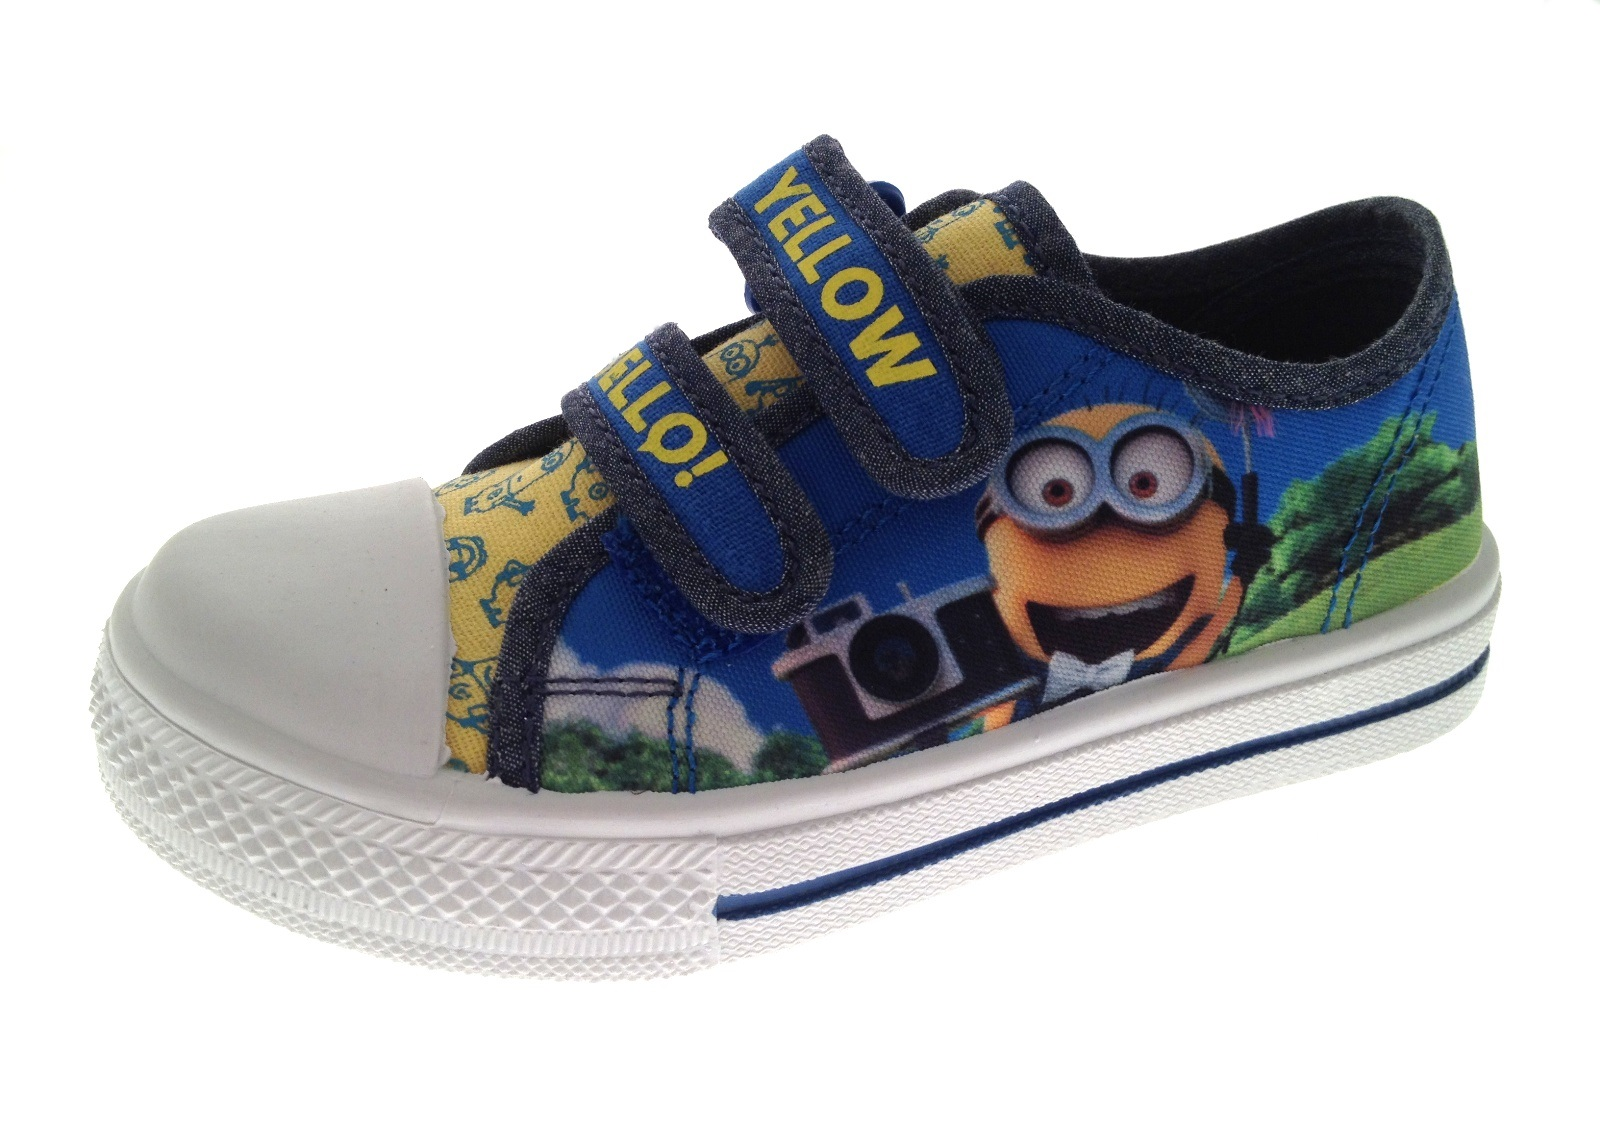 Boys Despicable Me Minions Range Clogs Canvas Pumps Wellies Boots Shoes Size 6-1